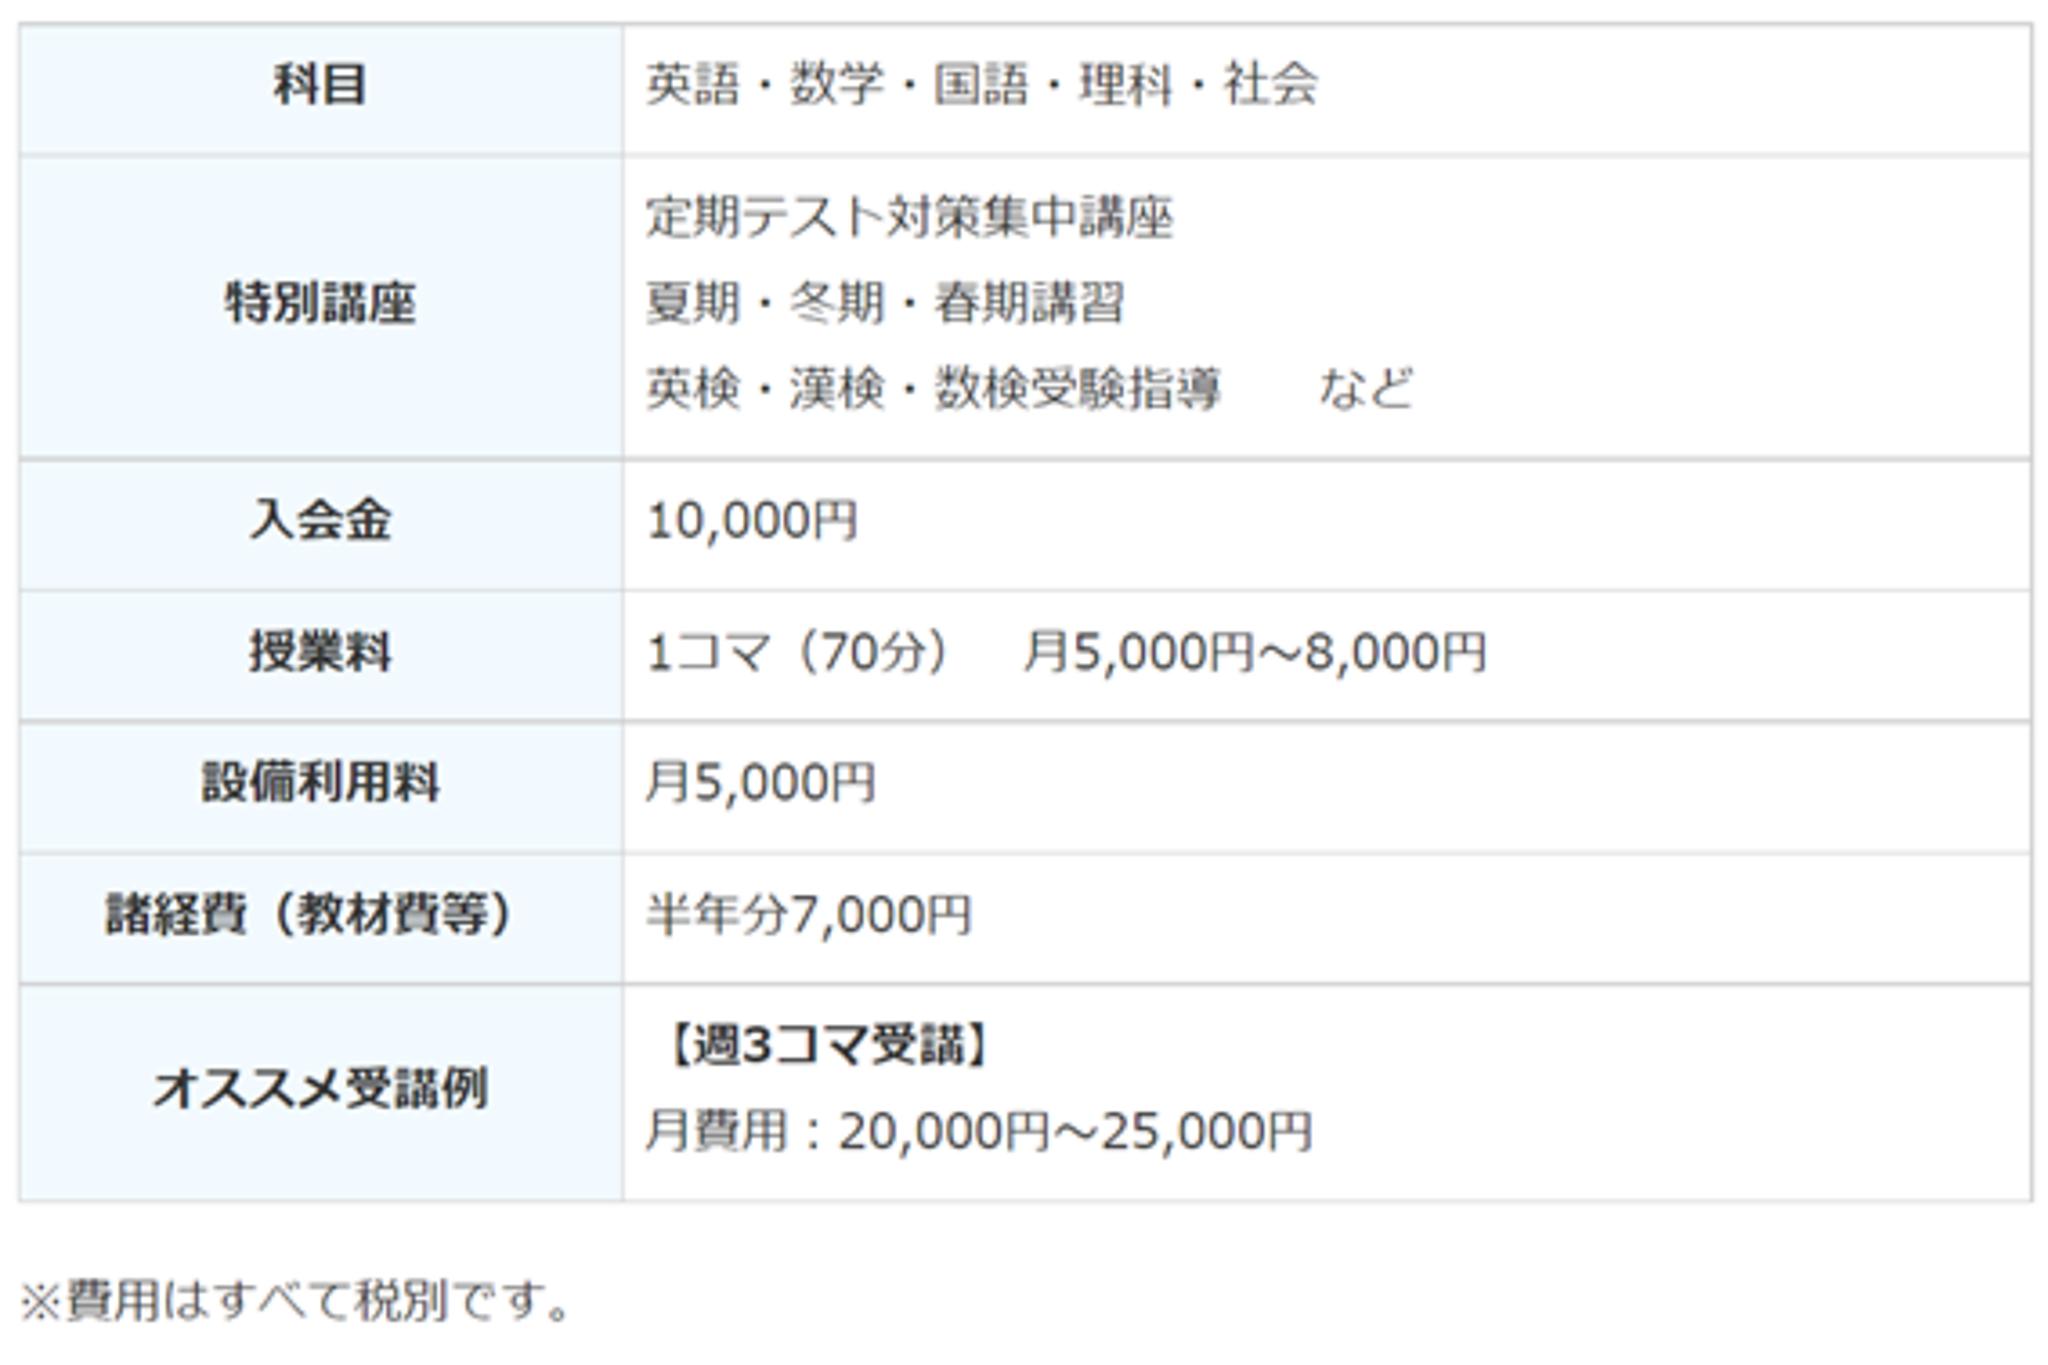 中学生の料金表